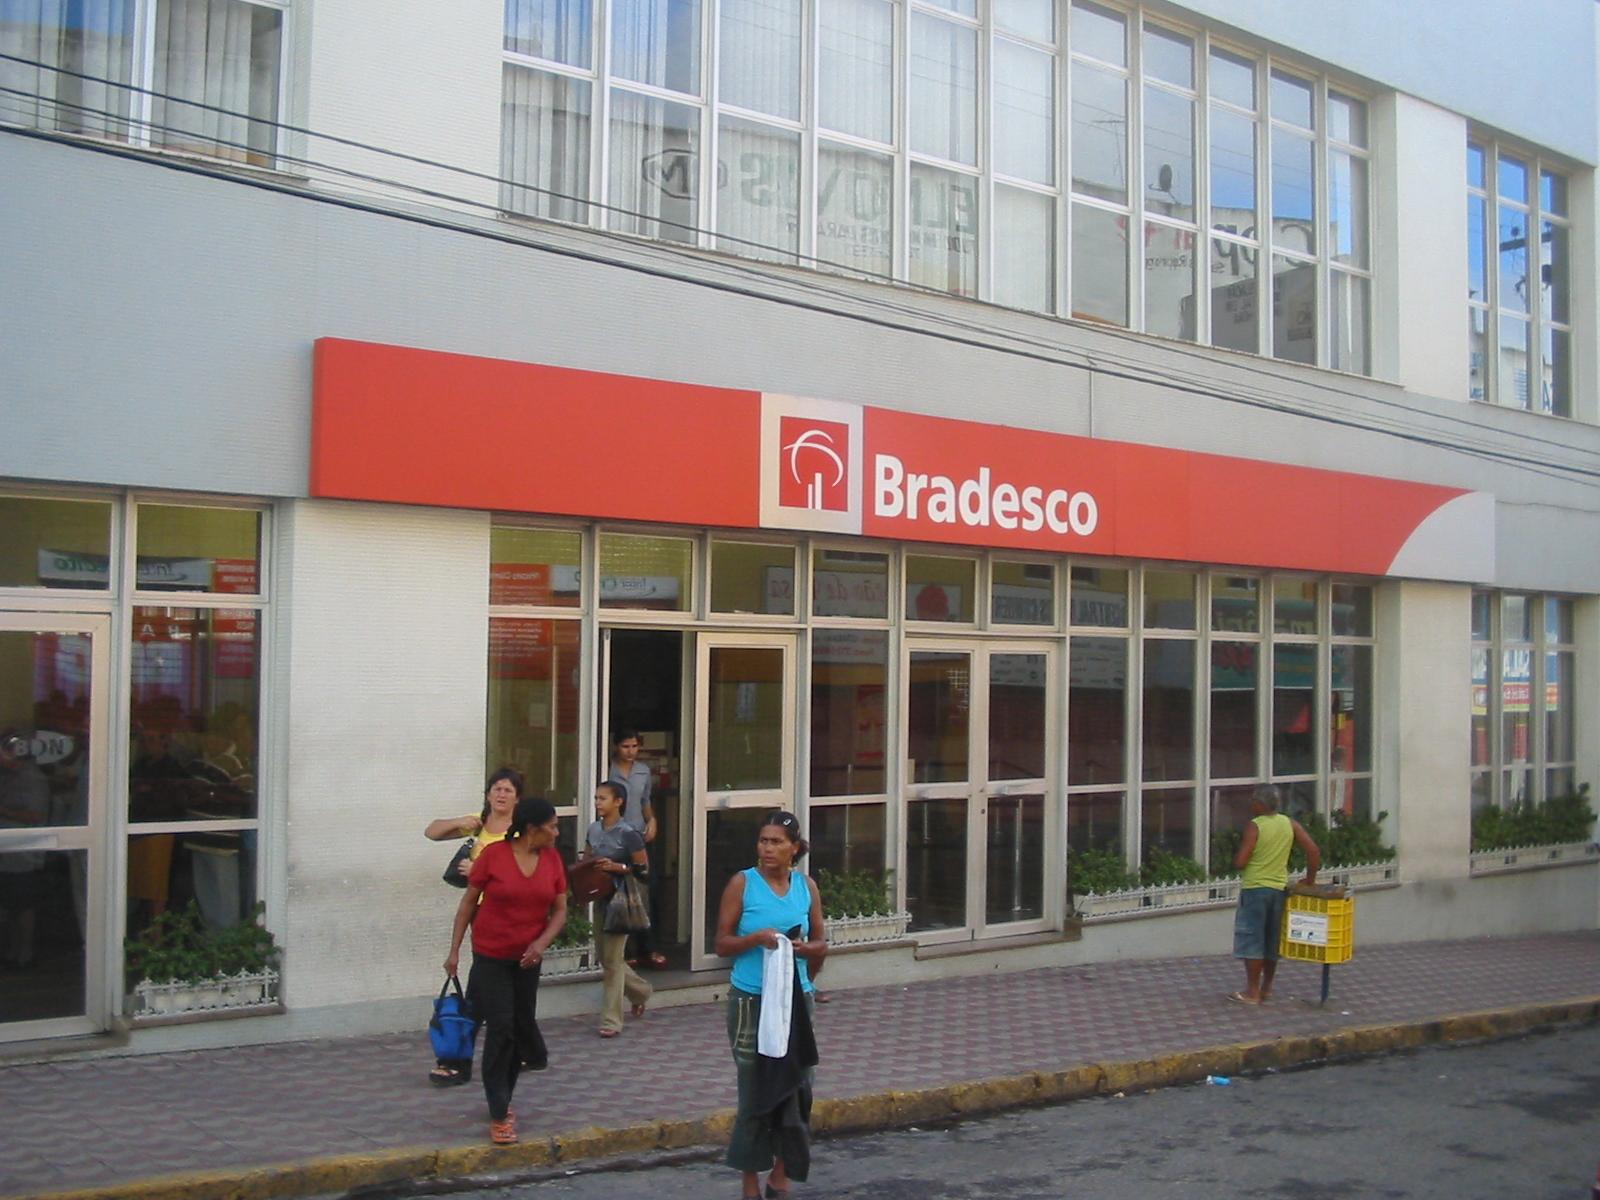 File:Caruaru-Bradesco....